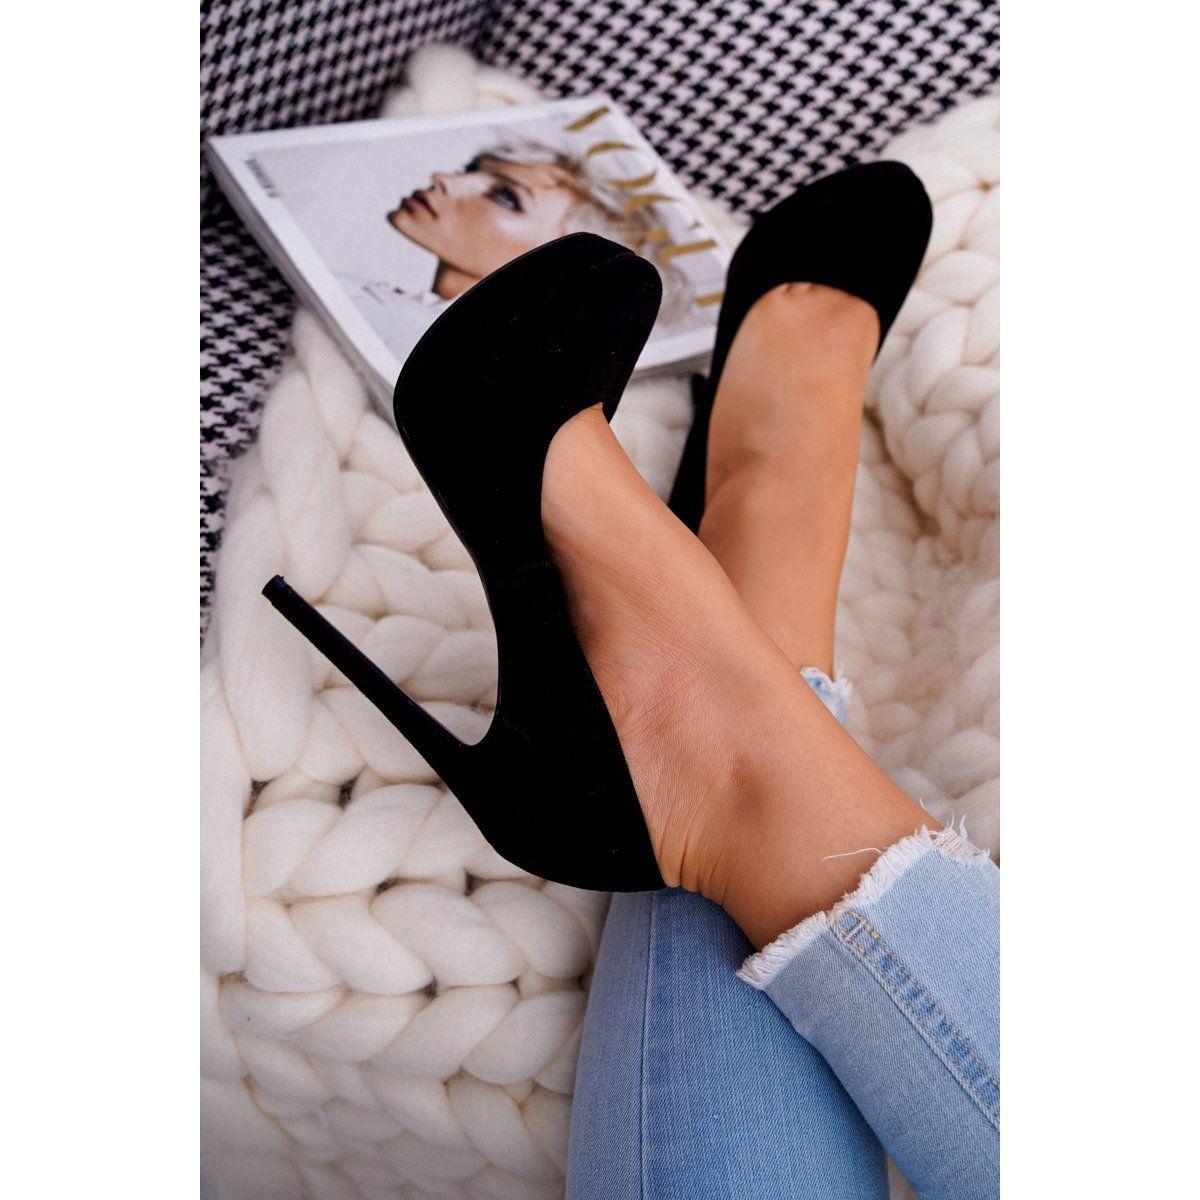 Pin By Arti Arku On Ariadna Majewska Miniskirt Outfits Fashion Beautiful Legs